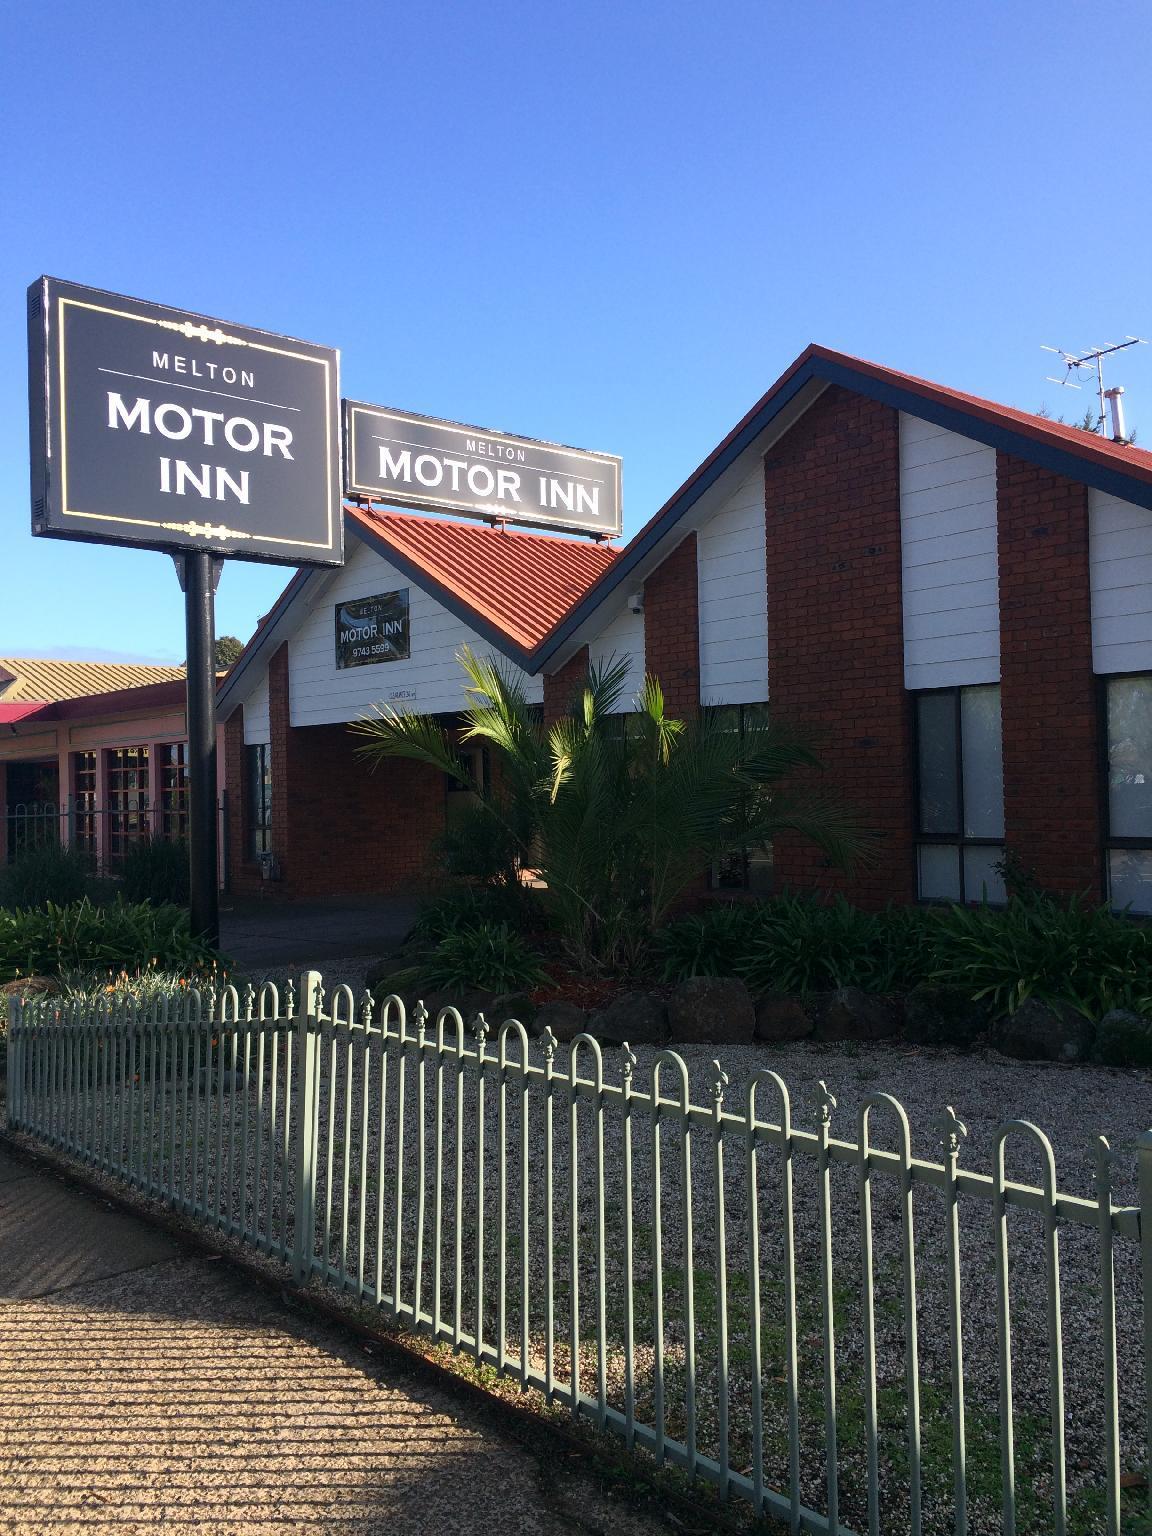 Melton Motor Inn